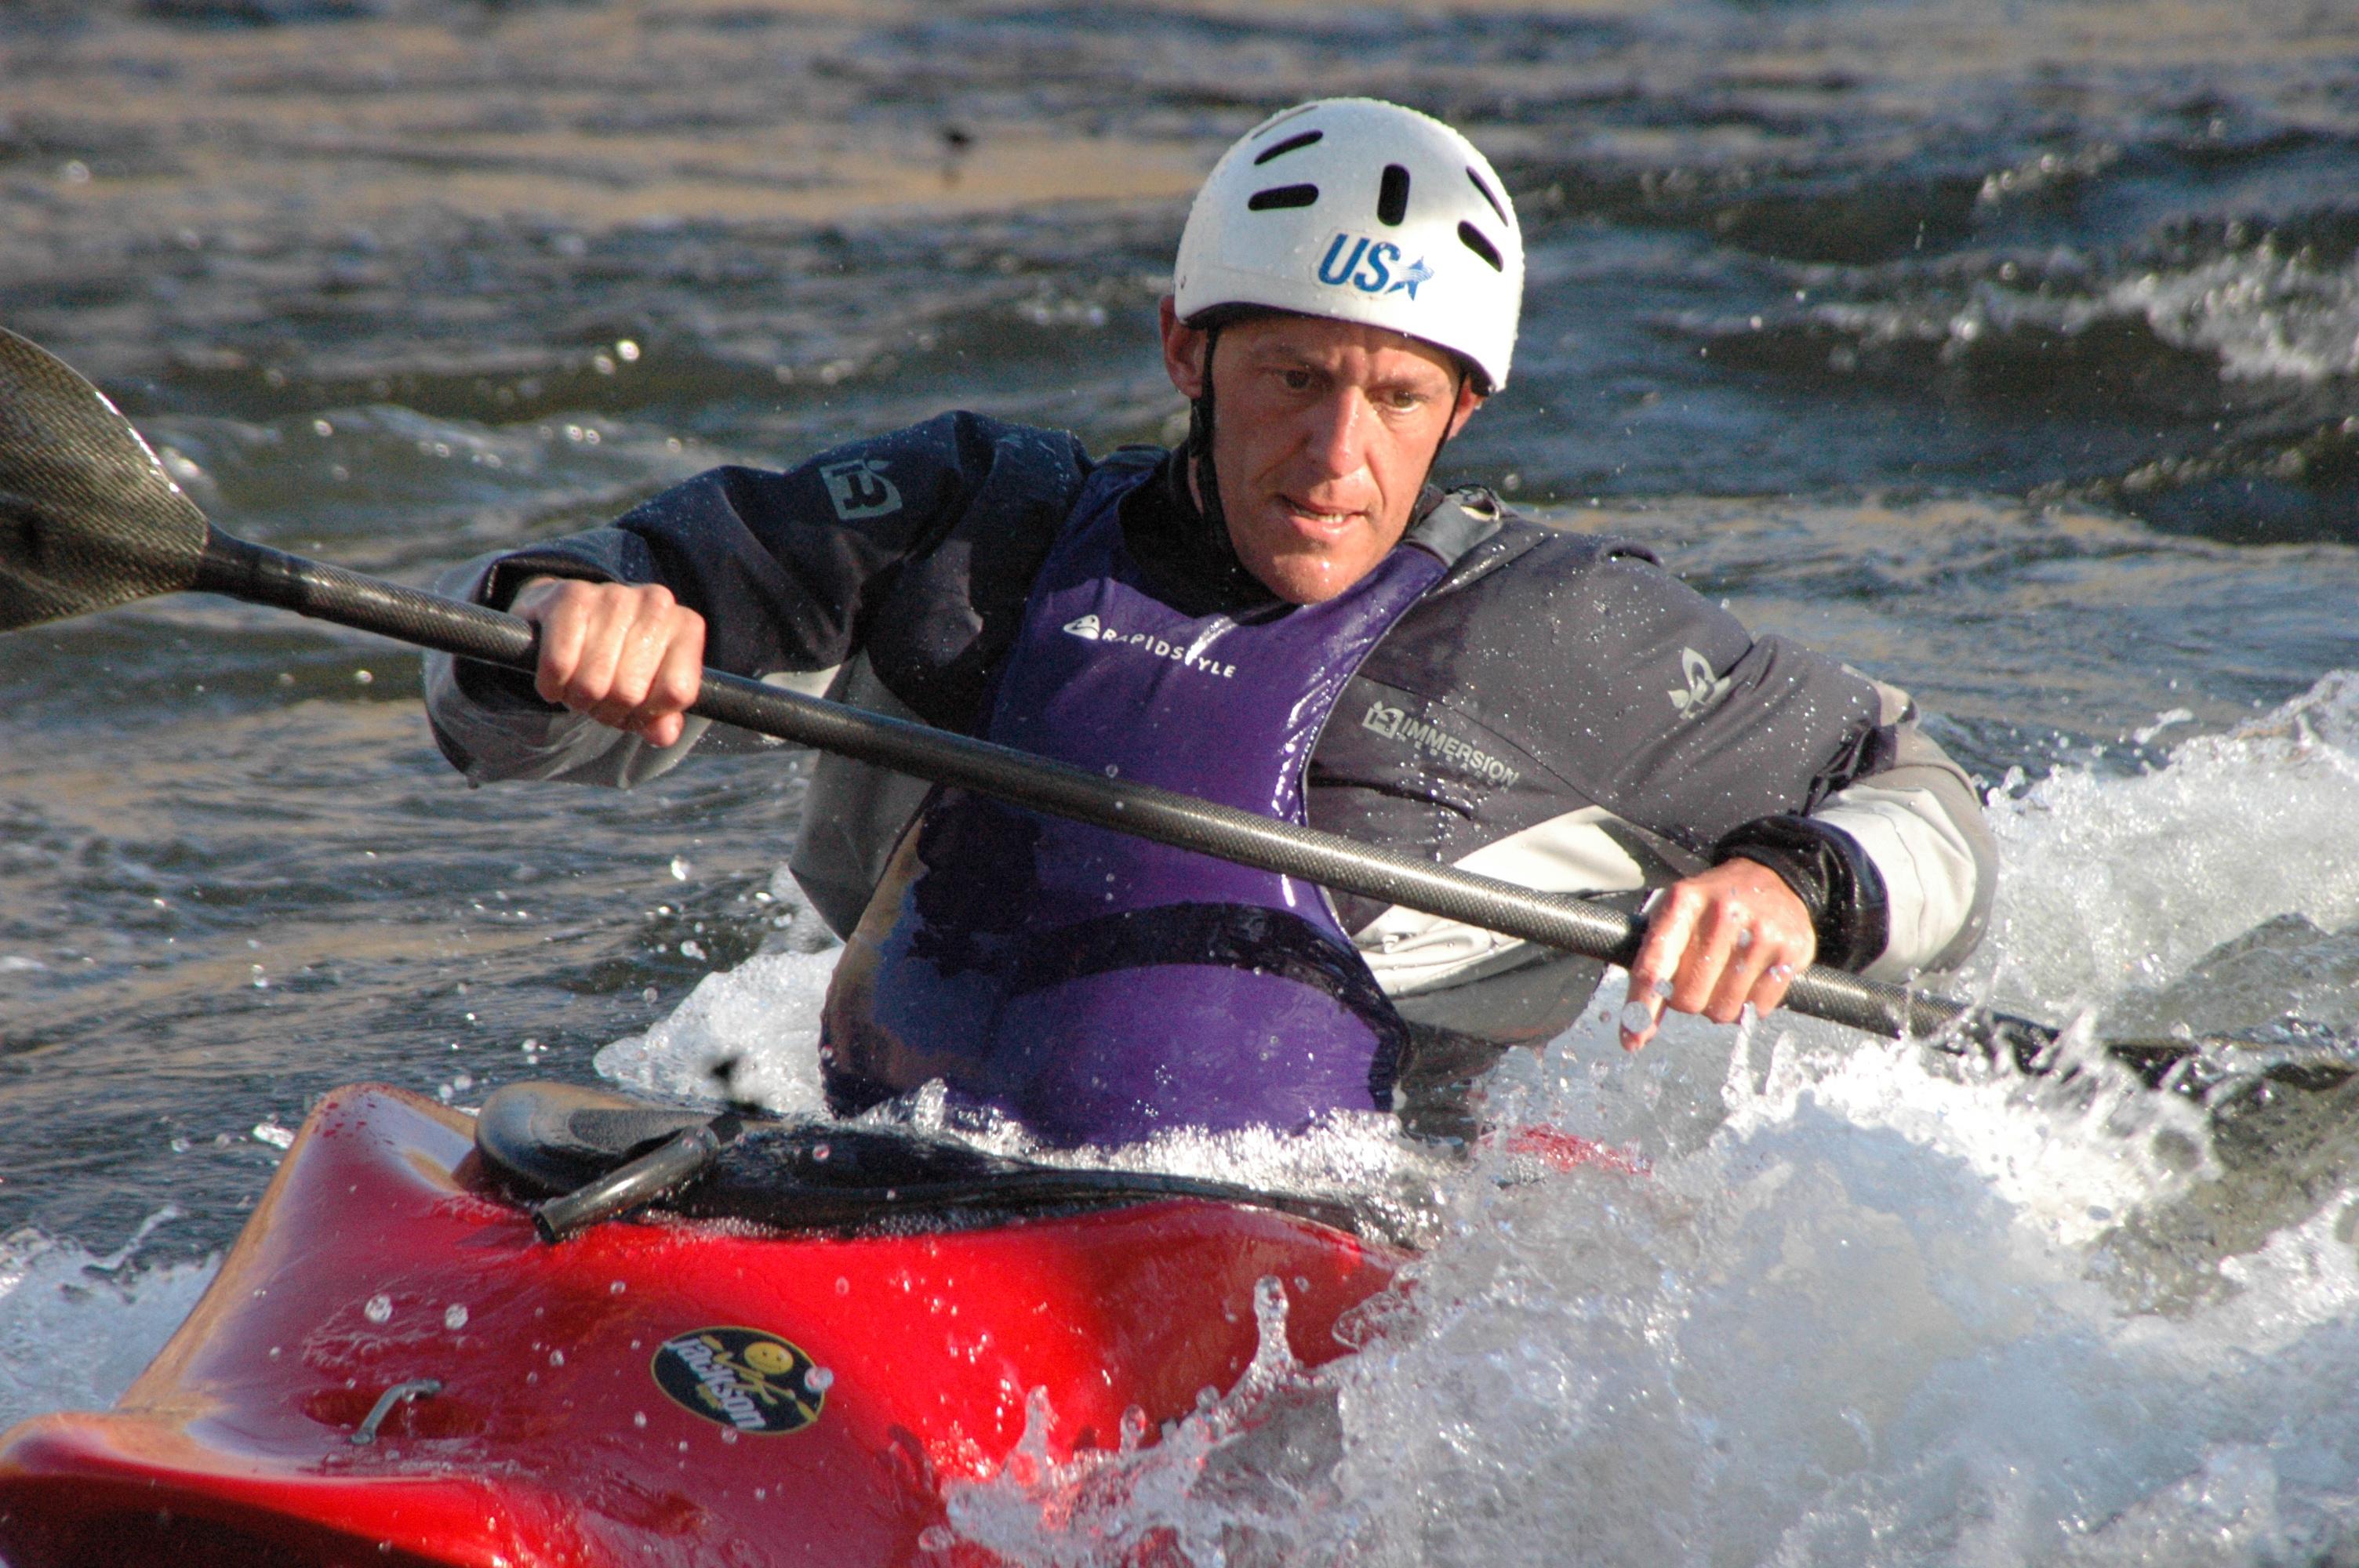 Episode 01: Joe Jacobi – Olympic Gold Medalist White Water Kayaker